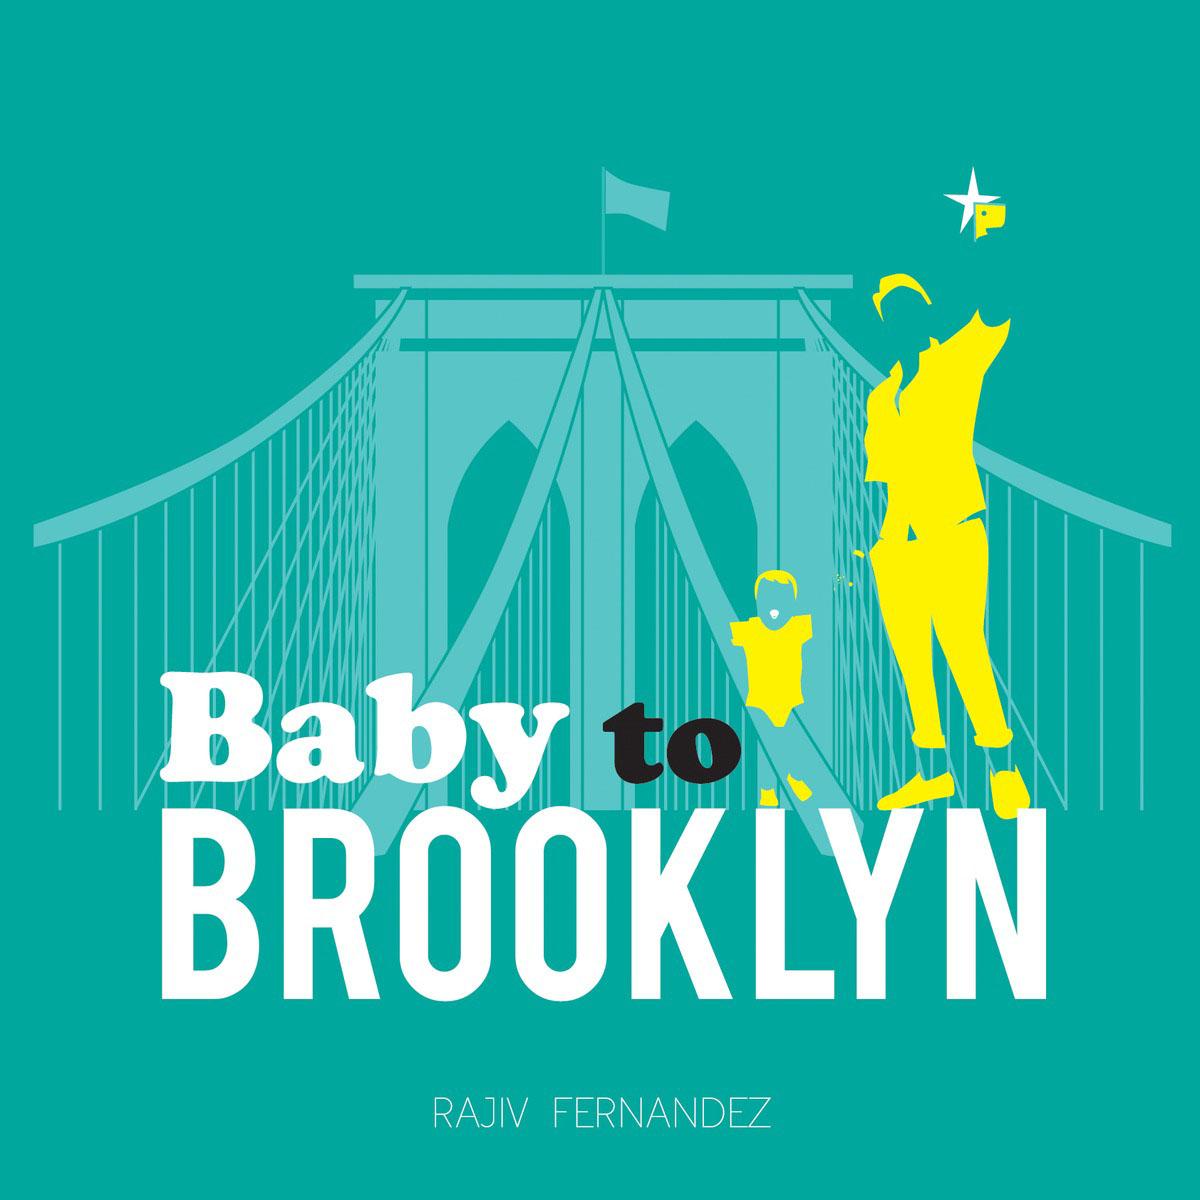 Baby to Brooklyn found in brooklyn